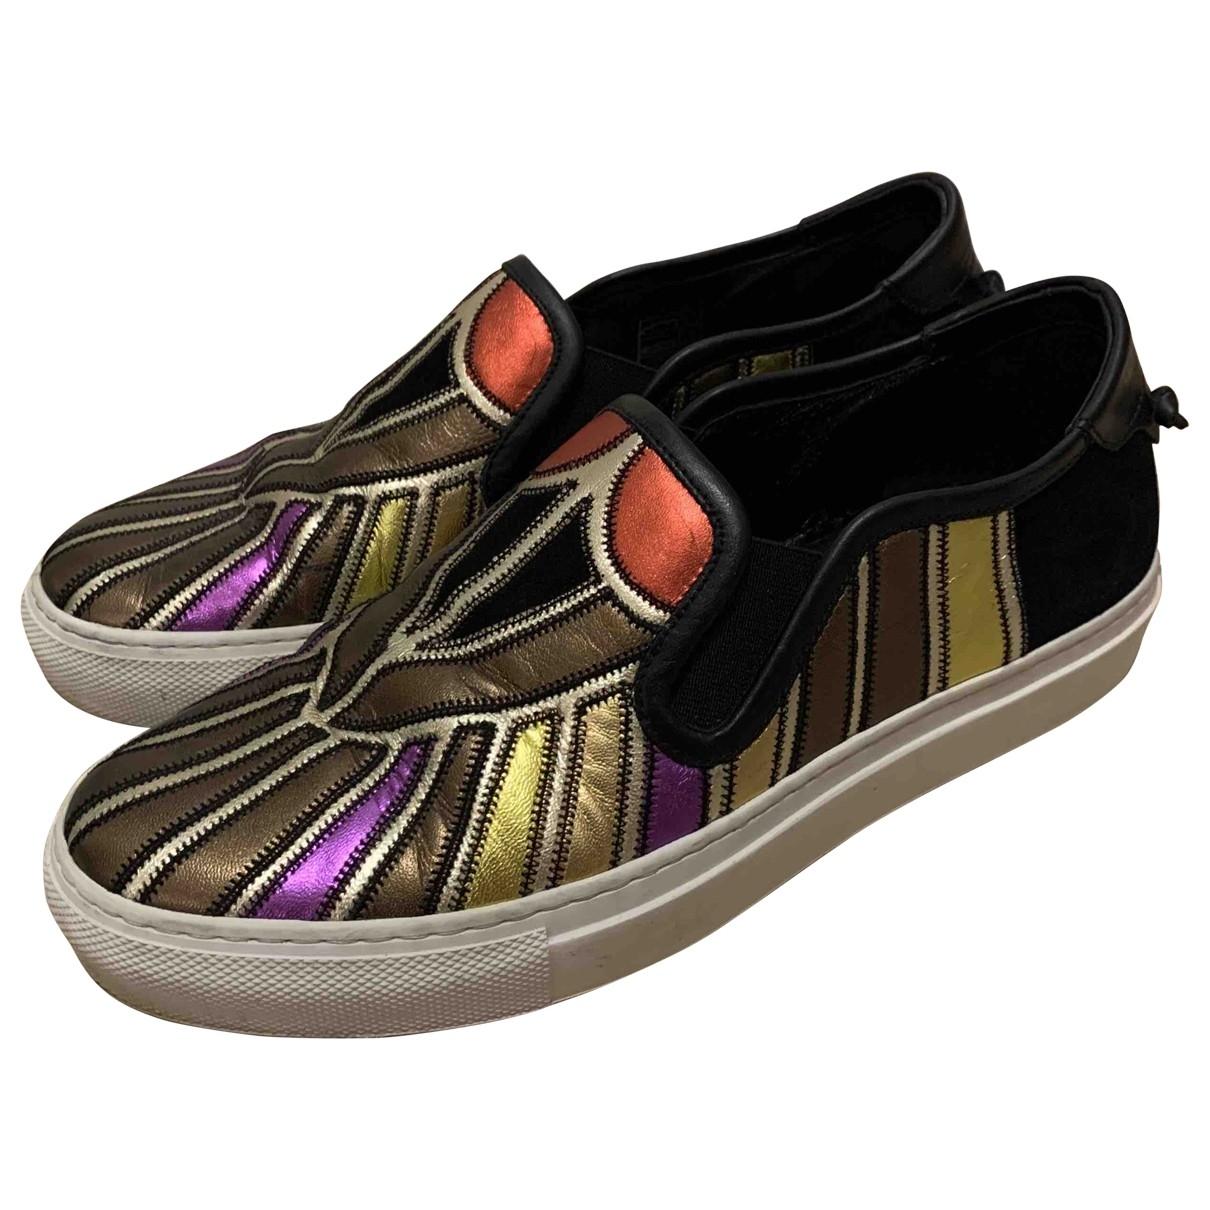 Givenchy - Baskets   pour femme en cuir - multicolore